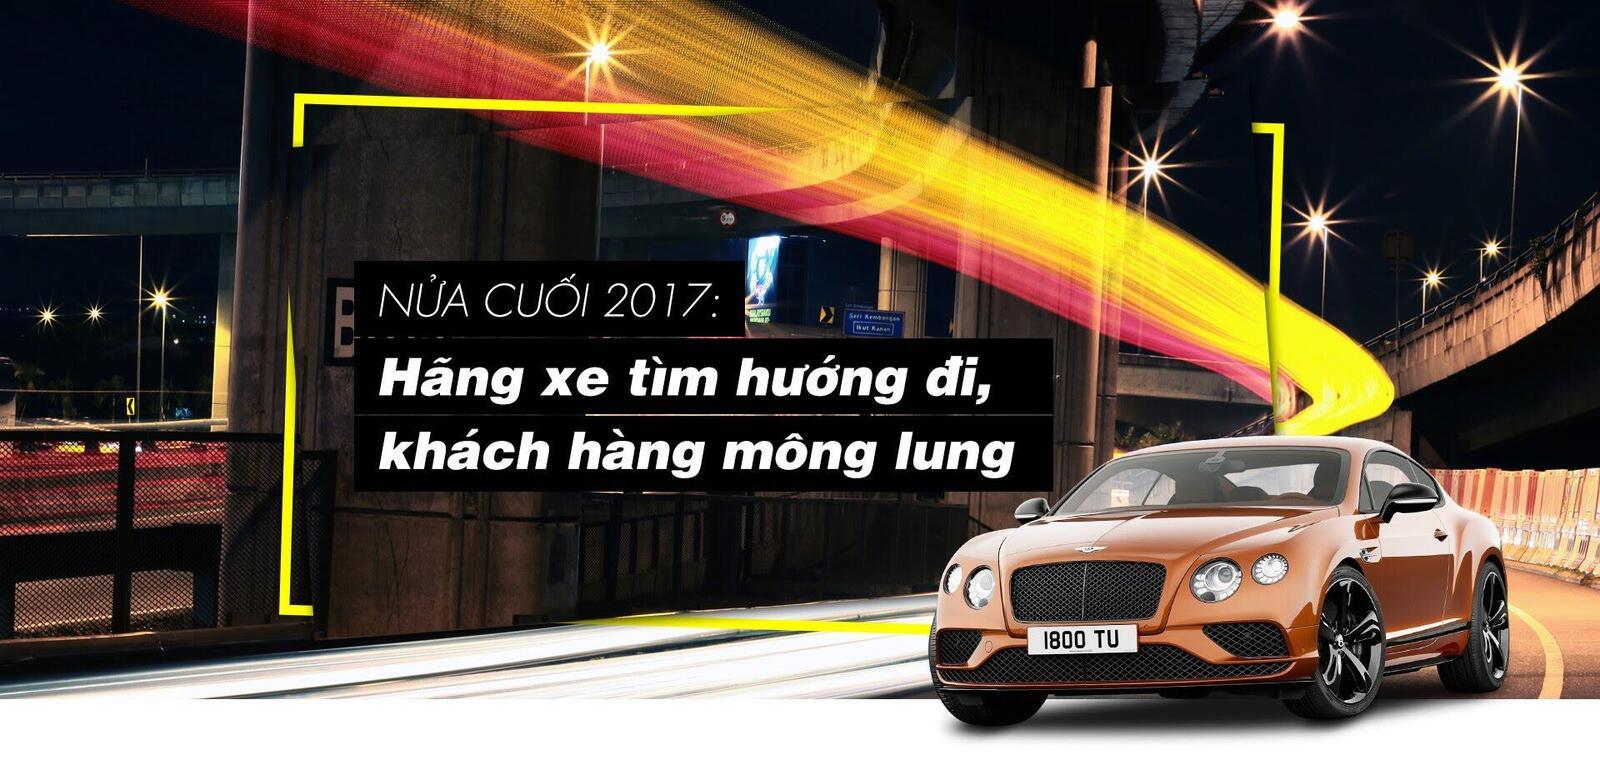 4 tháng khó khăn chờ đợi thị trường ôtô Việt - Hình 1